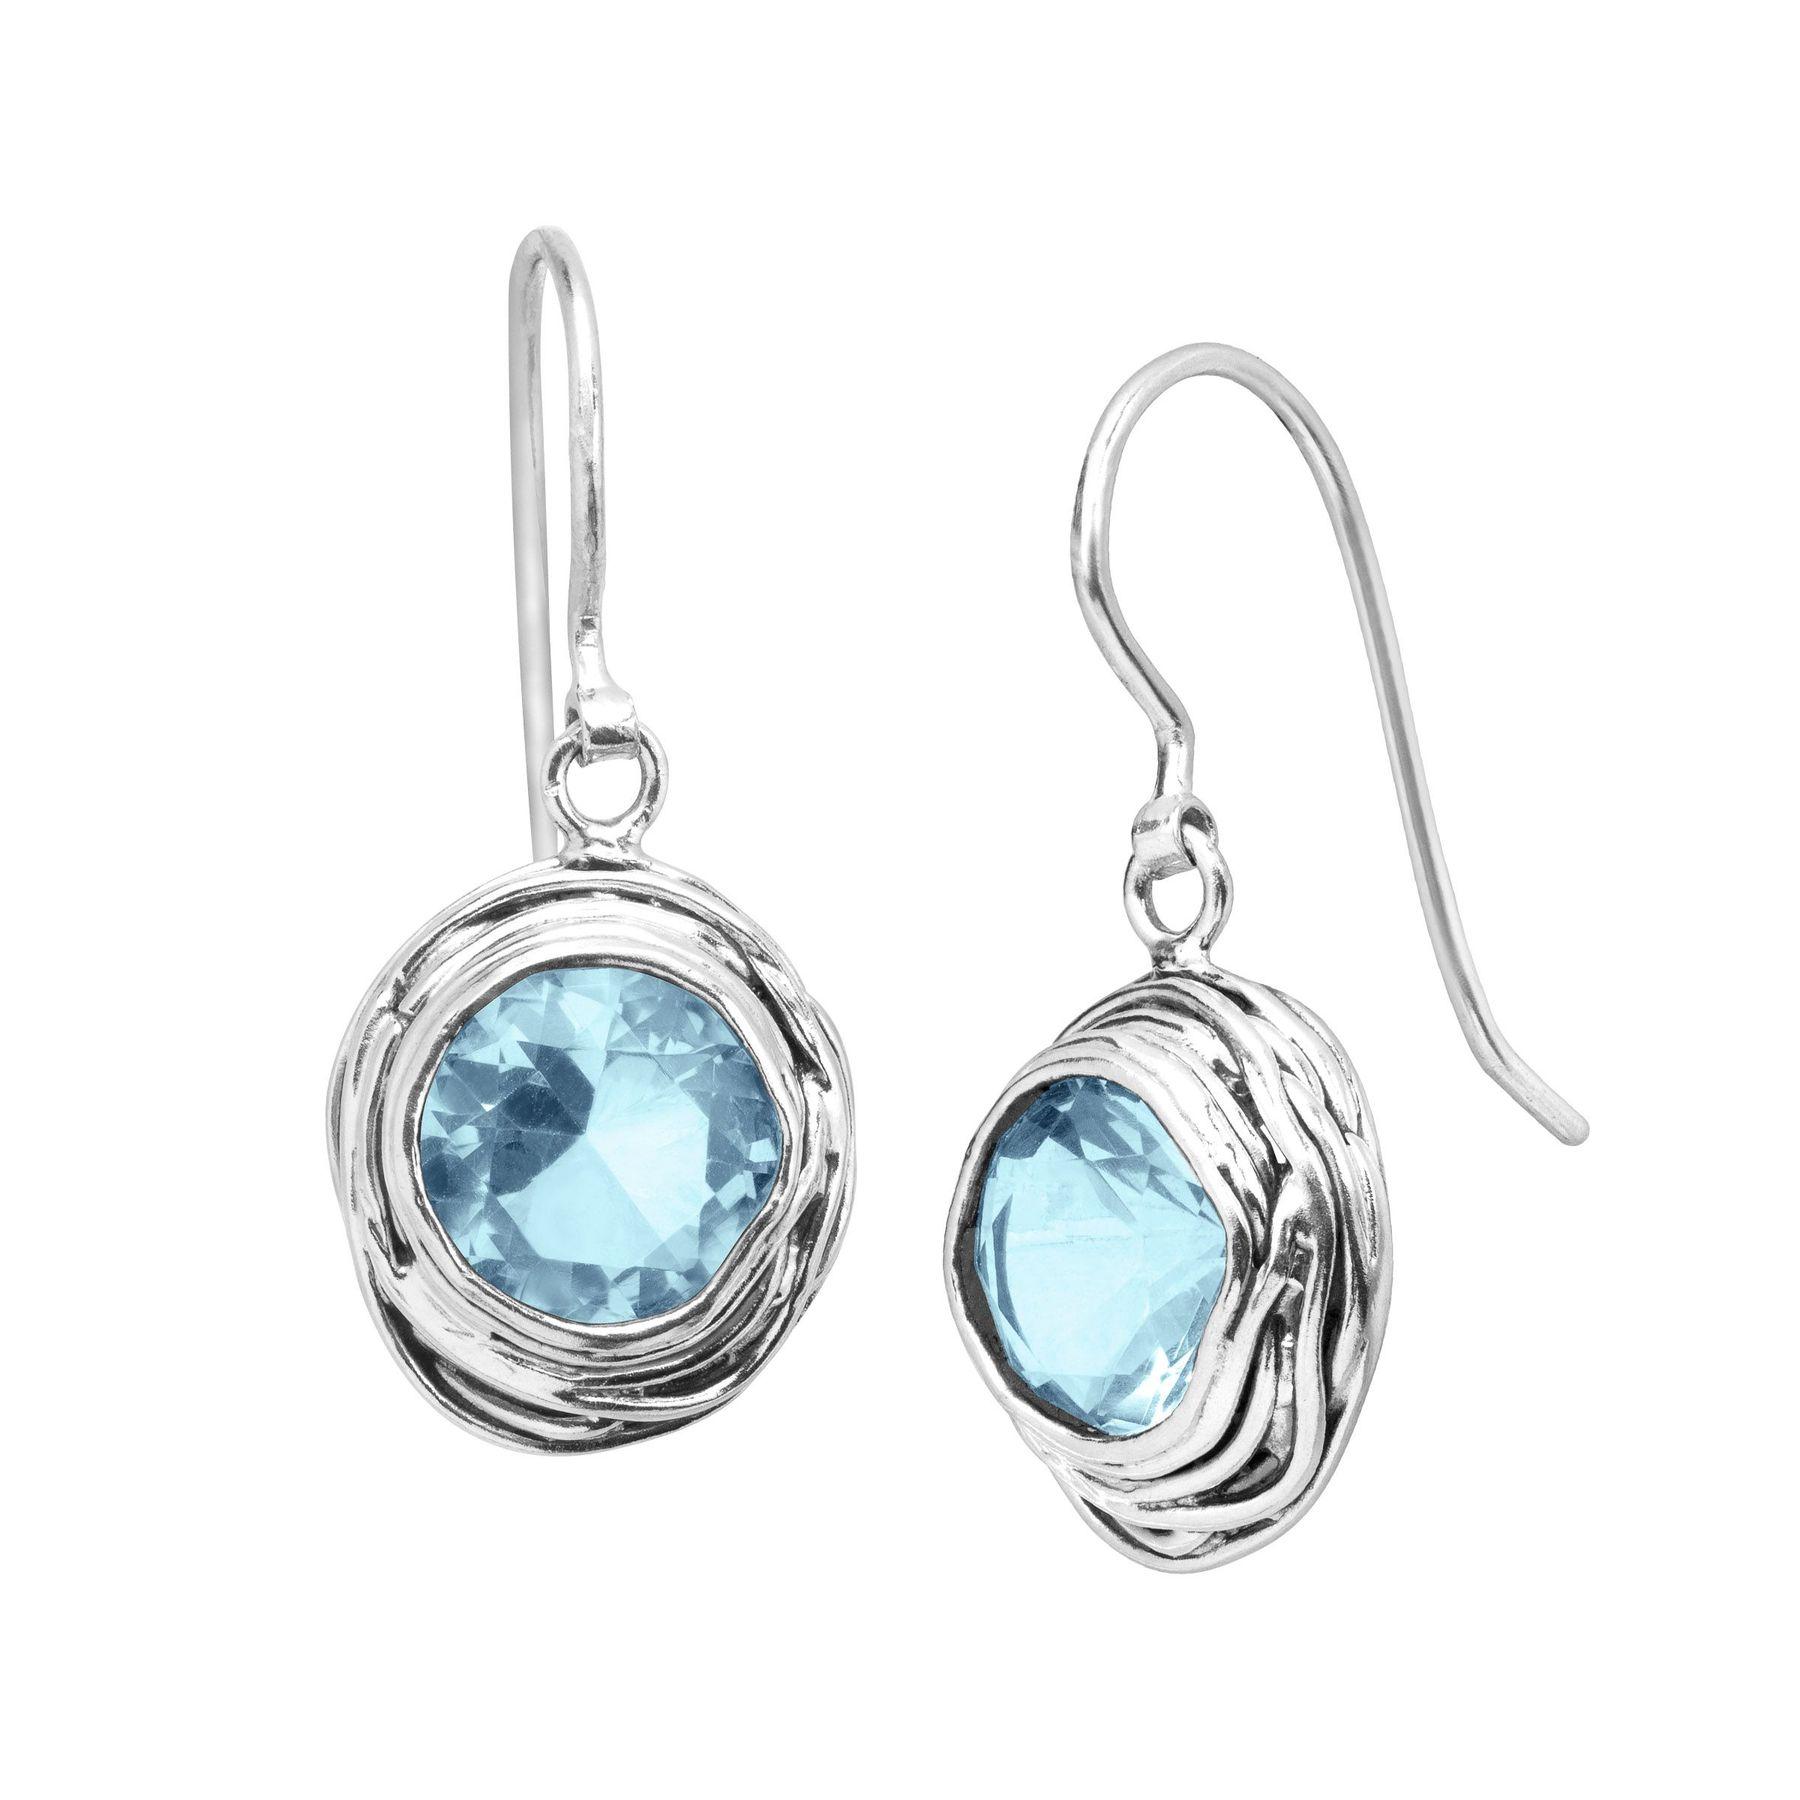 Silpada  Hooked On Blue  8 ct Blue Cubic Zirconia Drop Earrings in ... 5a57b7c6bd